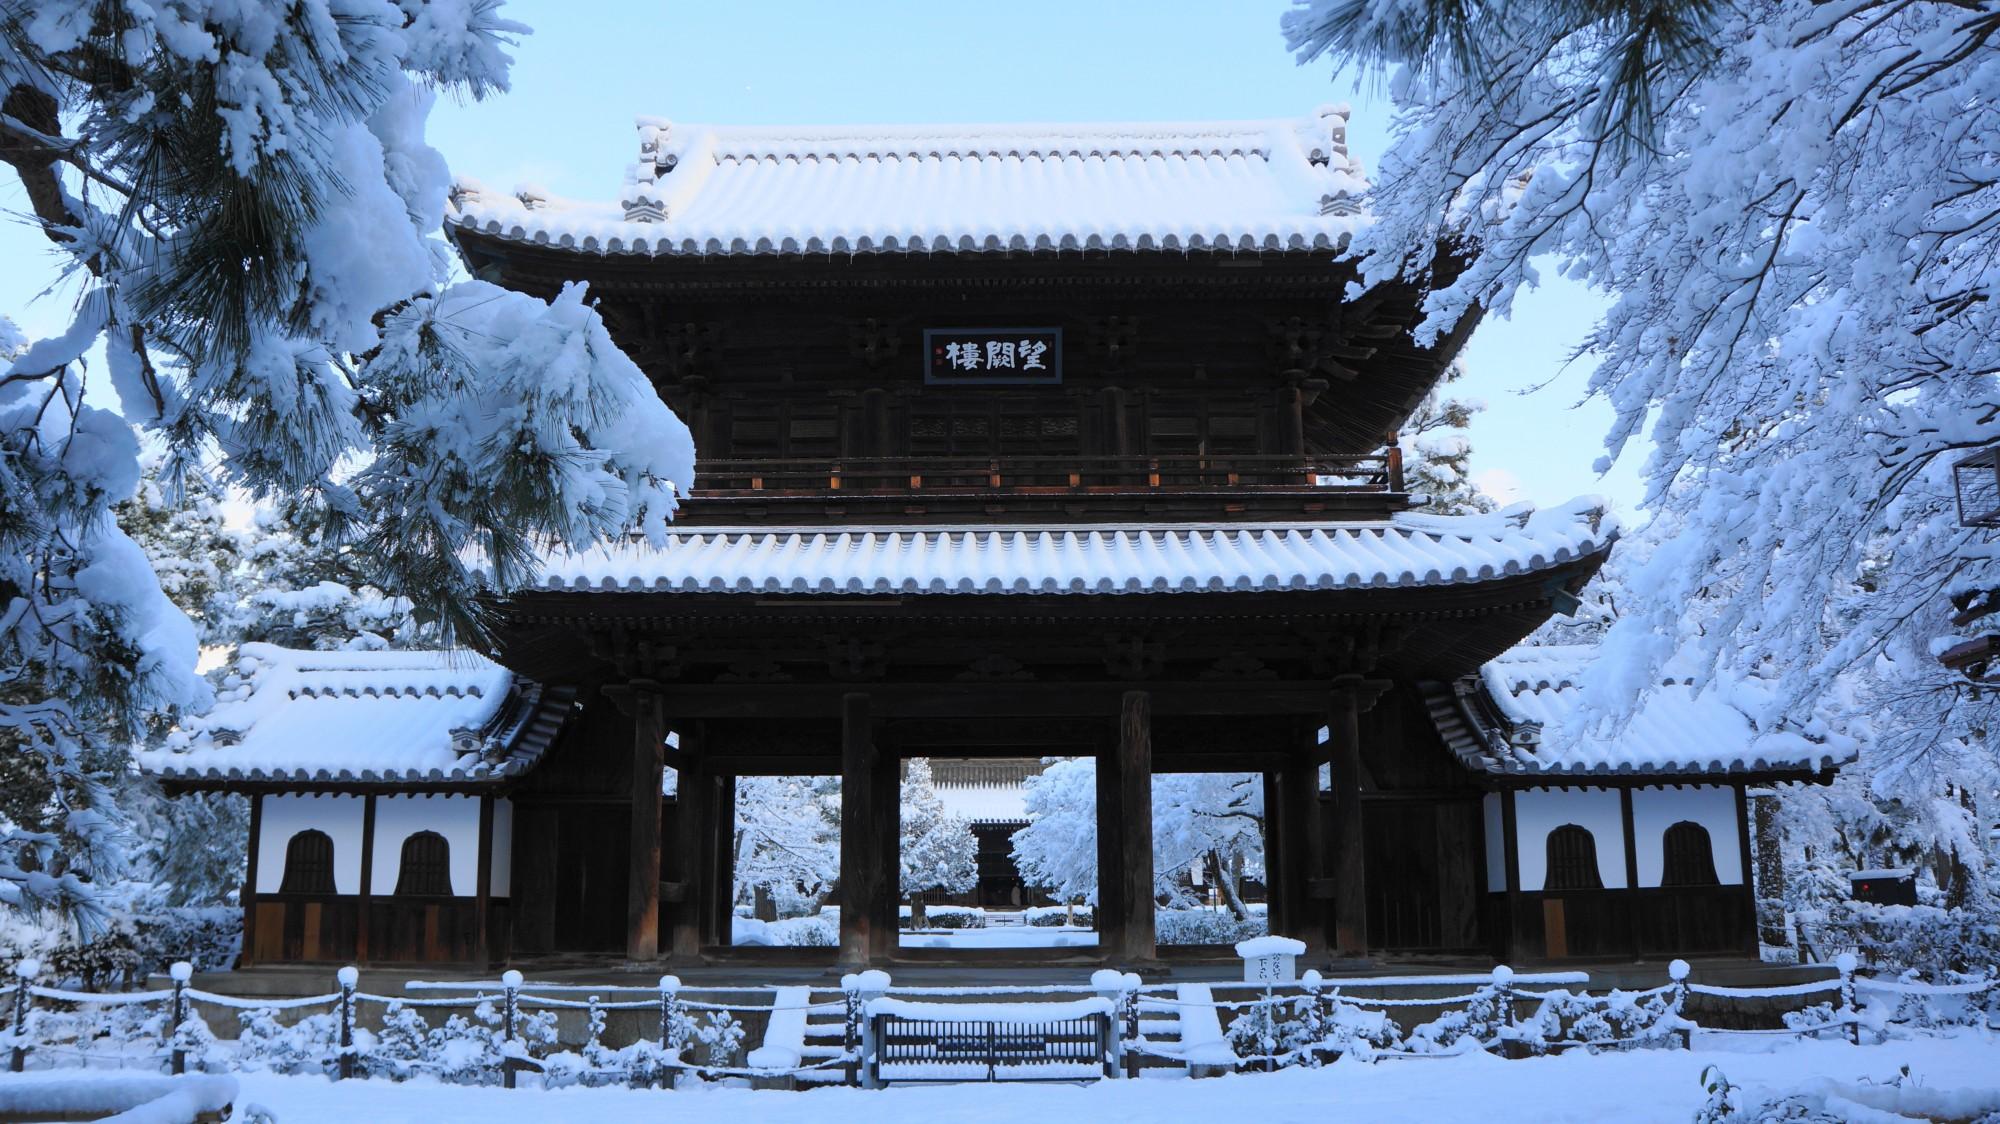 建仁寺 雪 静まり返った白銀の境内と厳かな三門